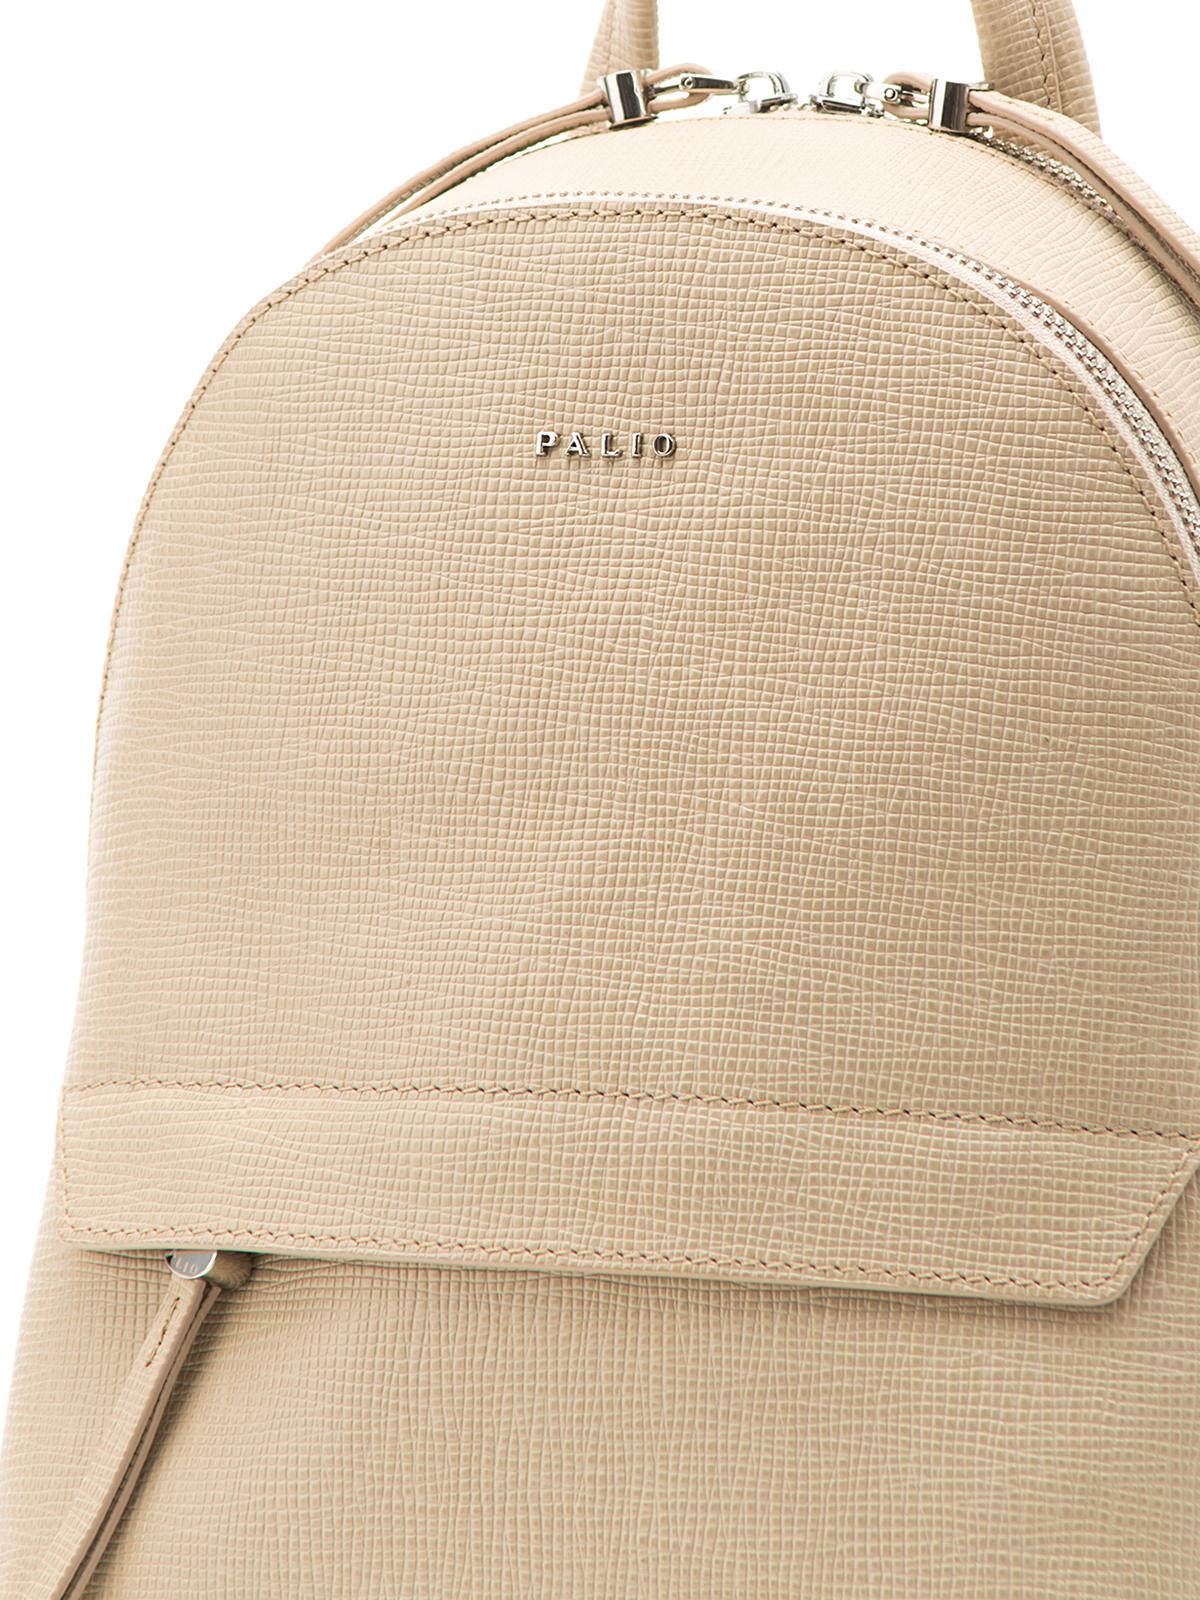 Сумка Palio 15817AR-115